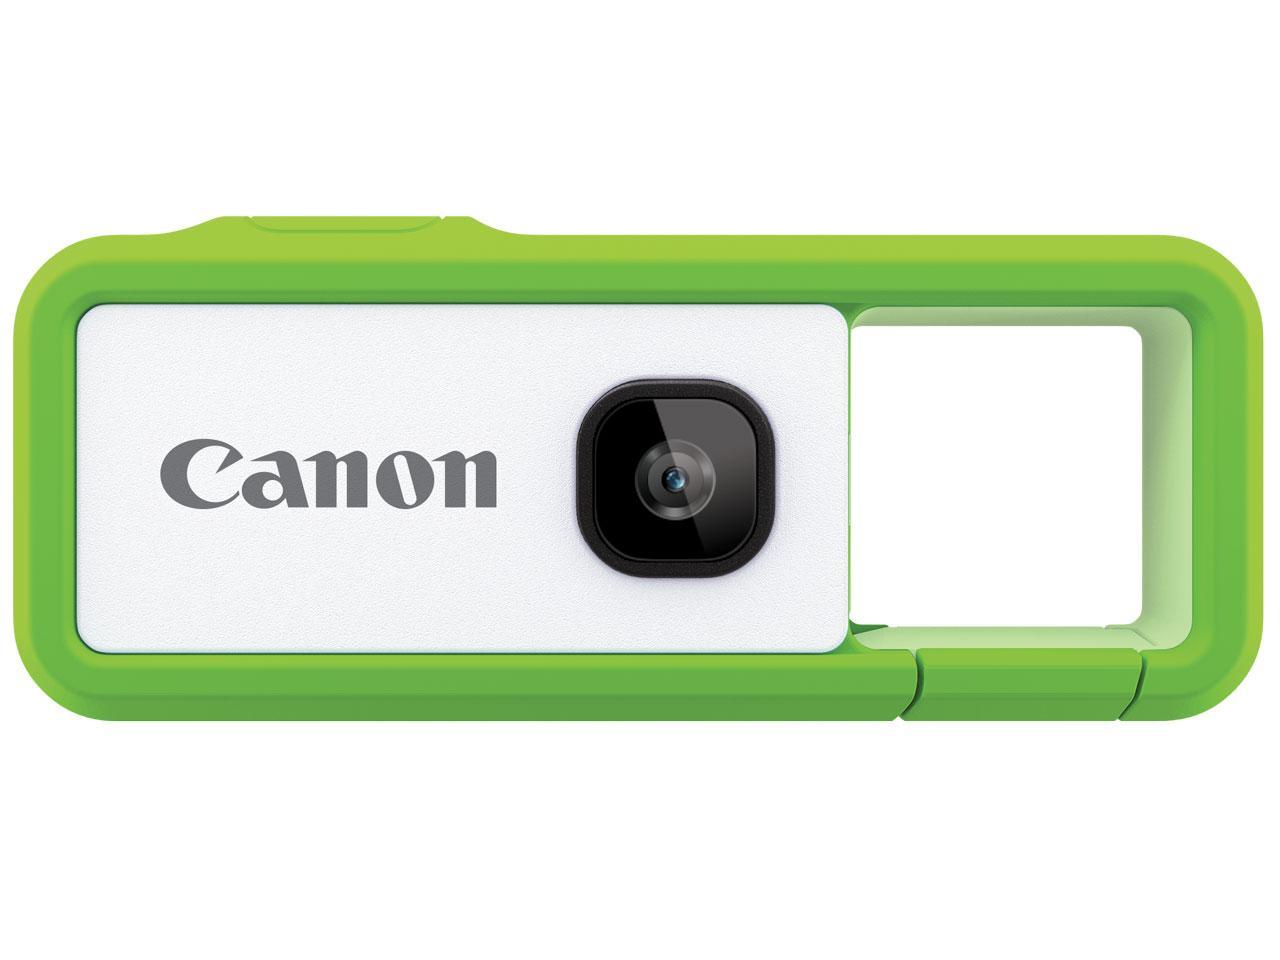 キヤノンデジタルカメラ iNSPiC REC FV-100 GREEN(FV-100 GREEN)【smtb-s】